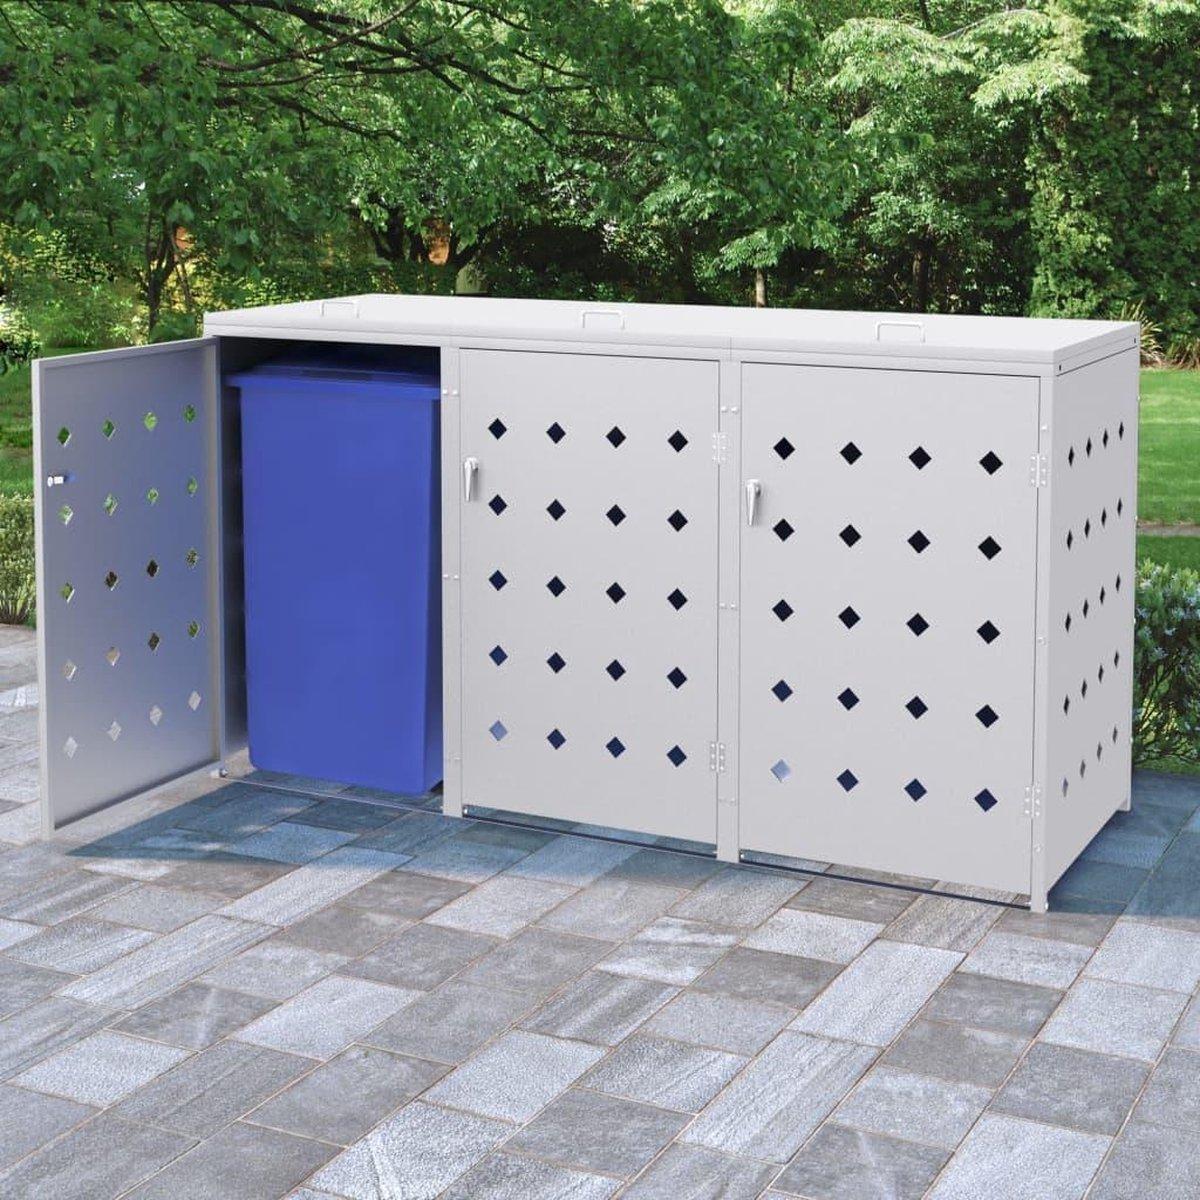 VidaXL containerberging voor 3 vuilcontainers 240L zilver online kopen